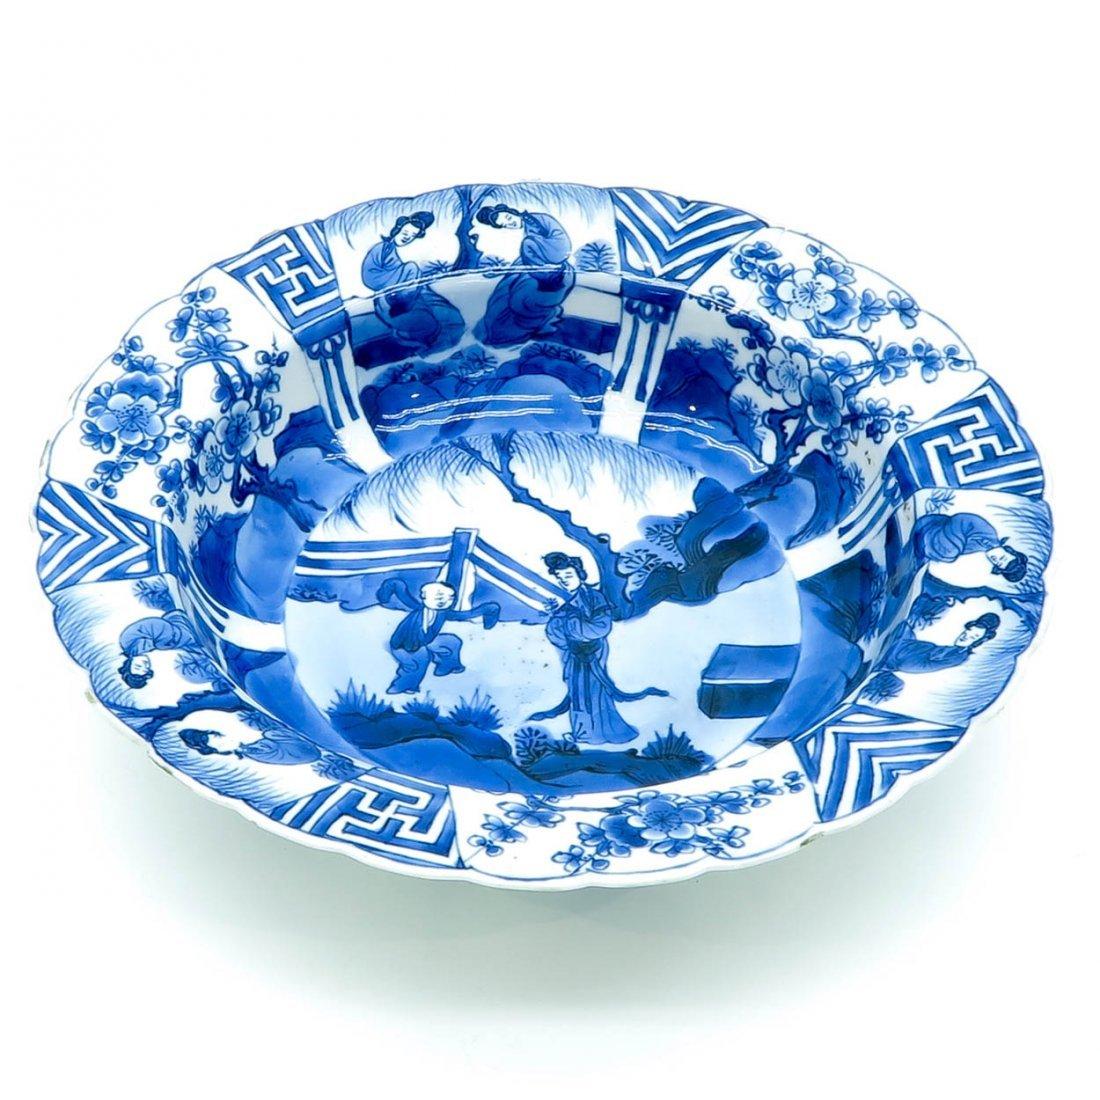 A Fine China Porcelain Kangxi Bowl